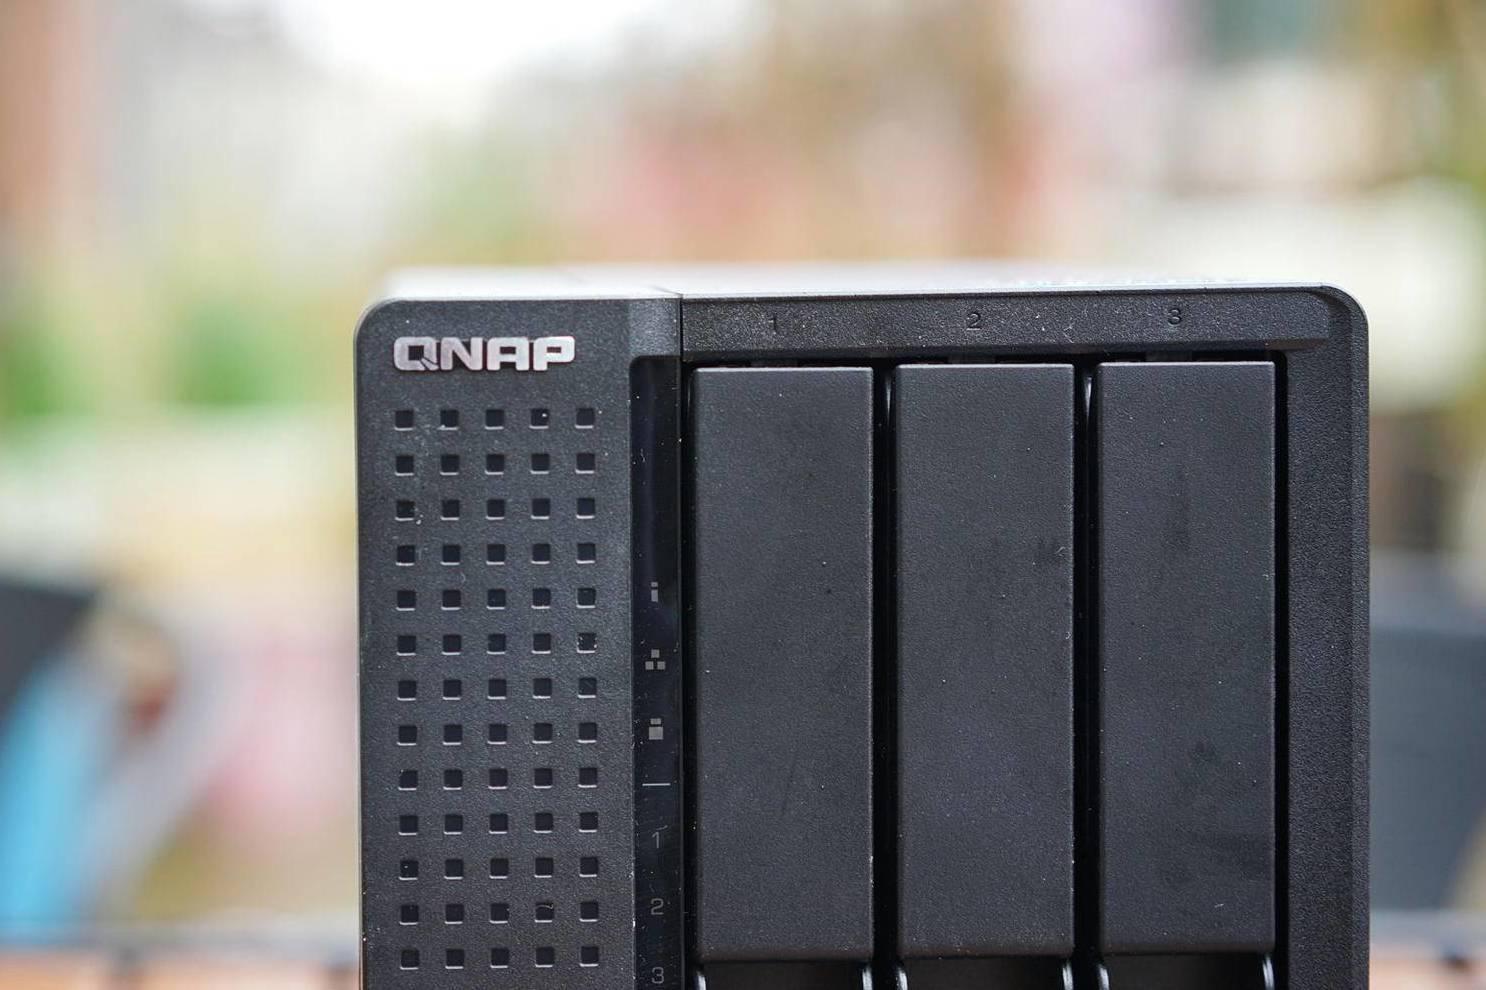 小白入坑网络服务器:五盘位威联通TS-551体验